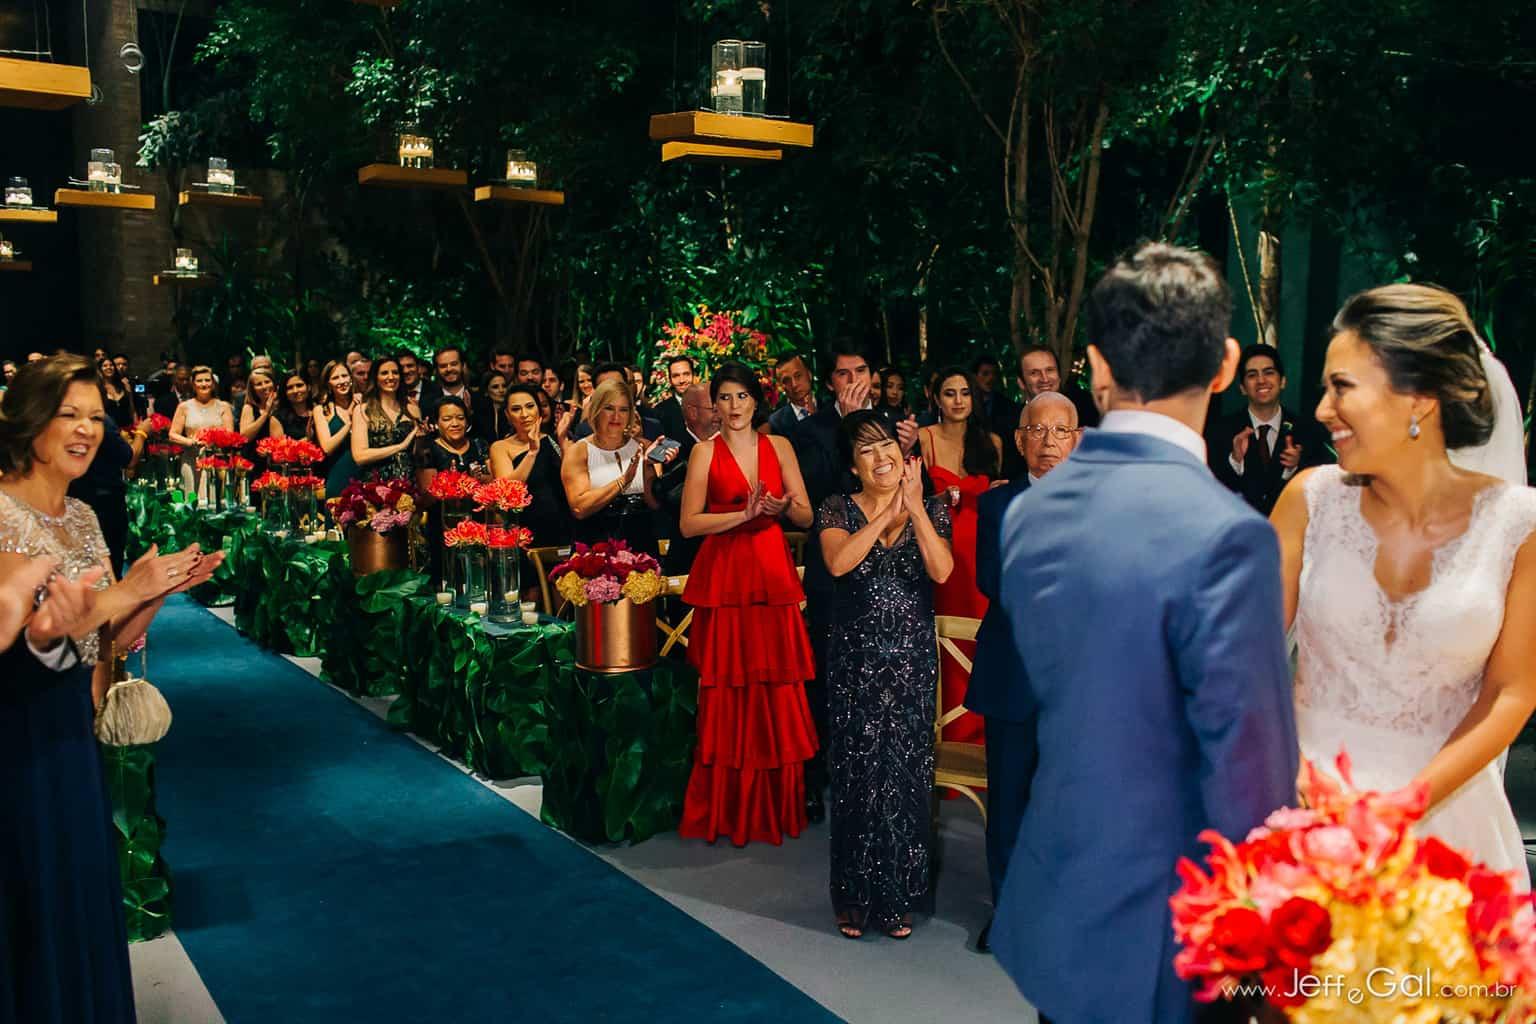 casamento-Beth-e-Daniel-cerimonia45